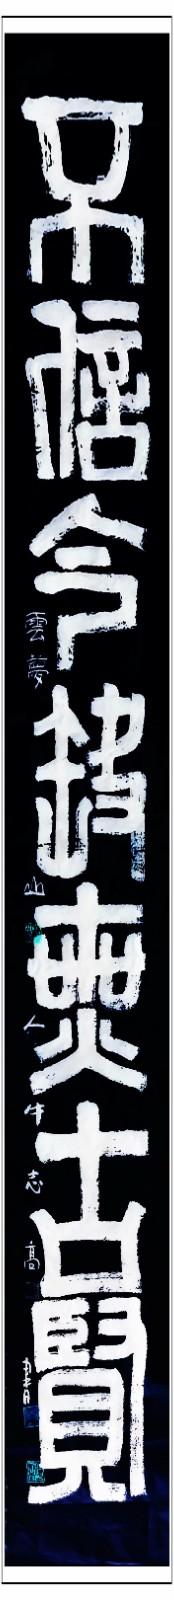 牛志高山水畫新作------2021.02.25_图1-4